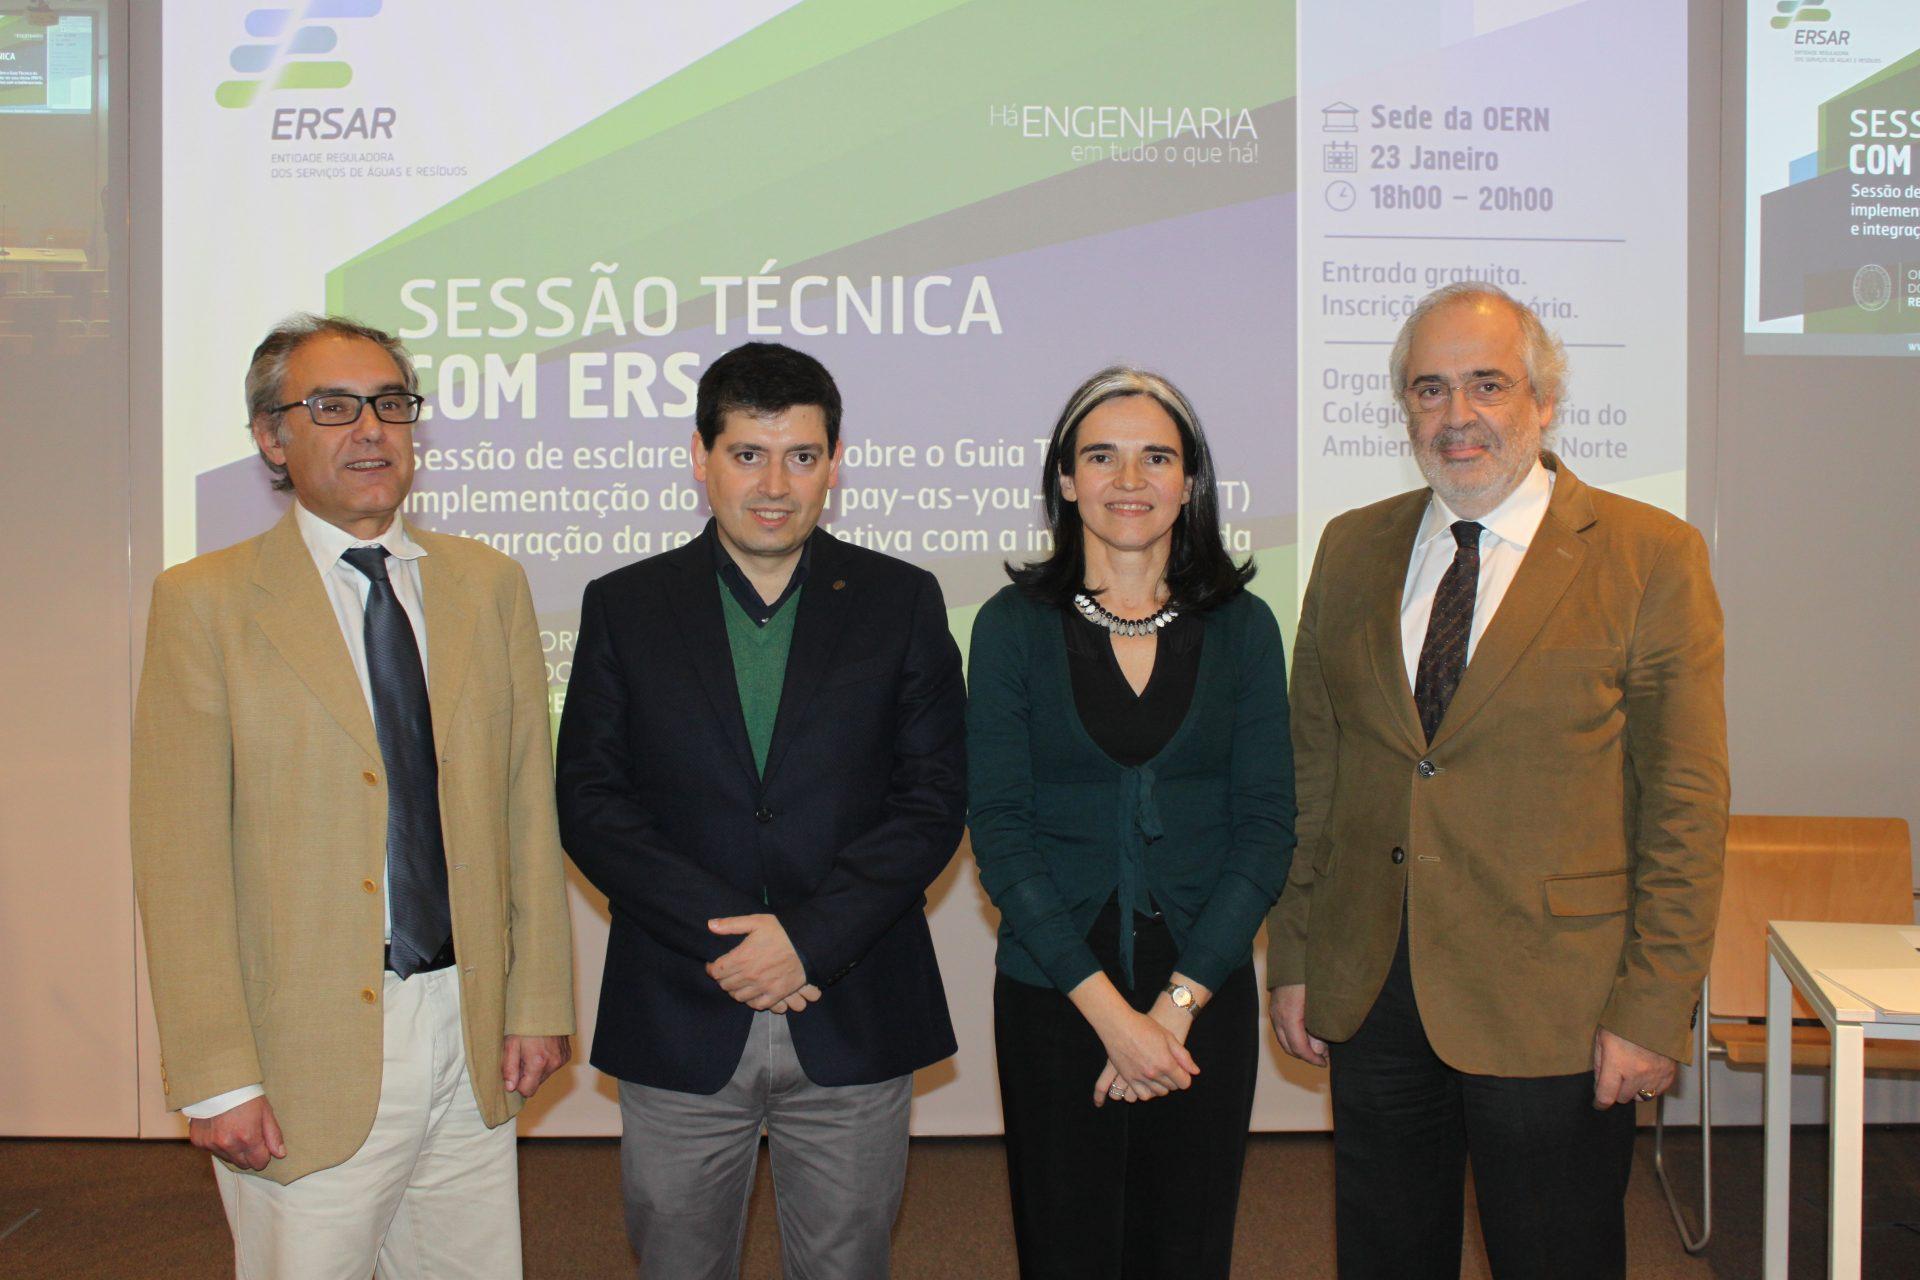 Plataforma Notícias Ordem Engenheiros Região Norte - Ambiente continua a bater índices de participação